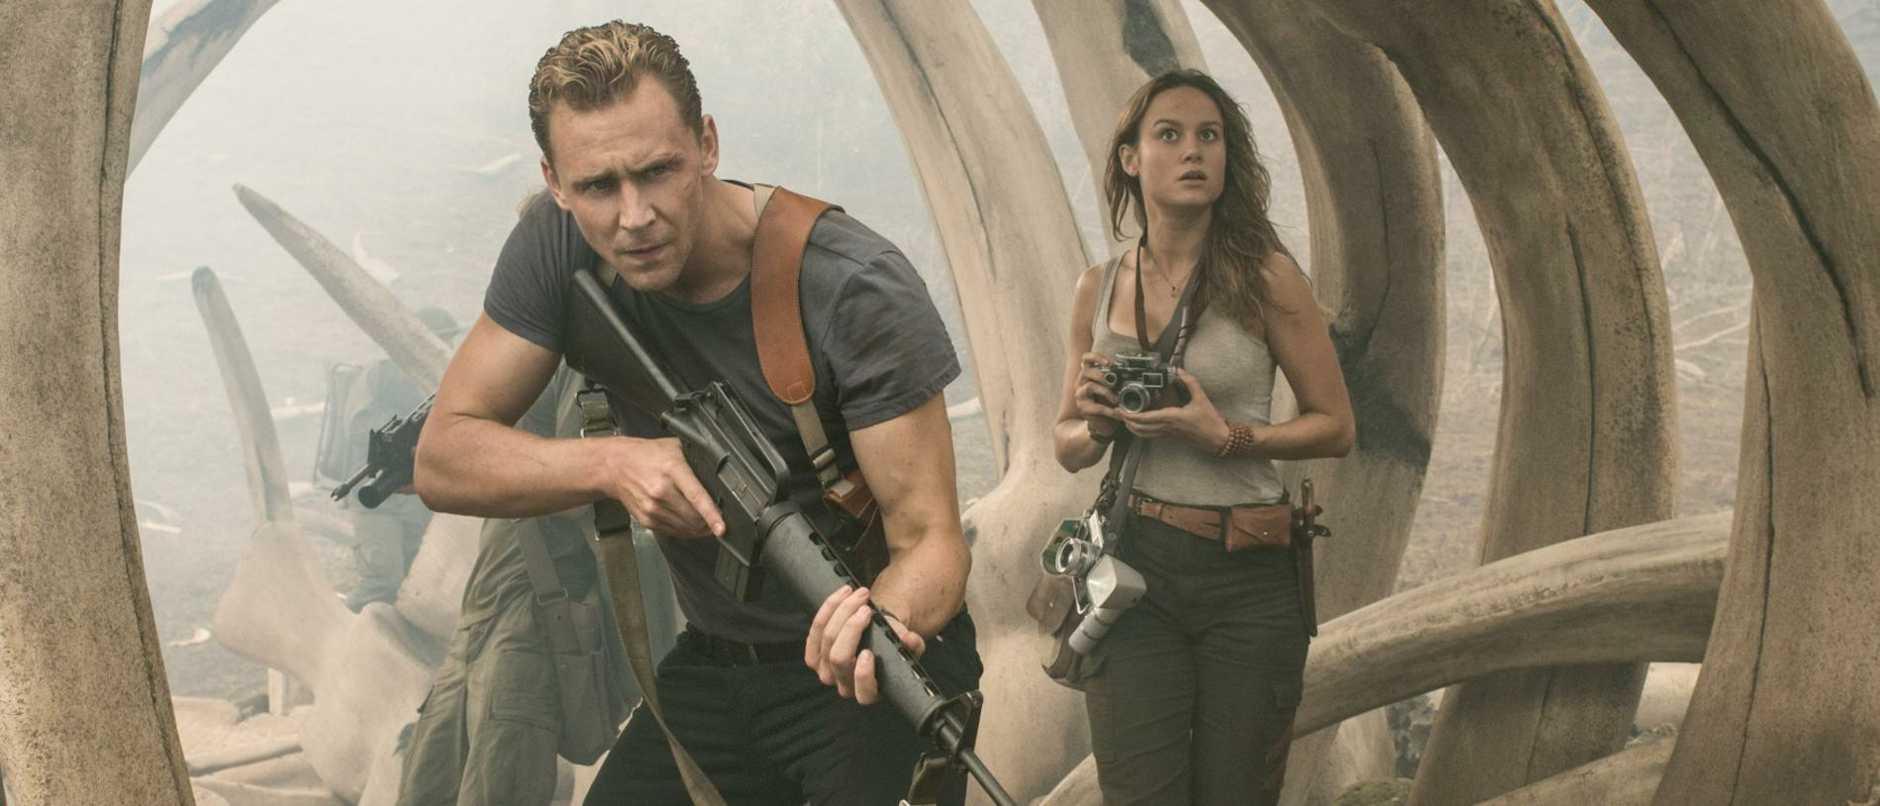 Hollywood eyeing Australia for film bonanza